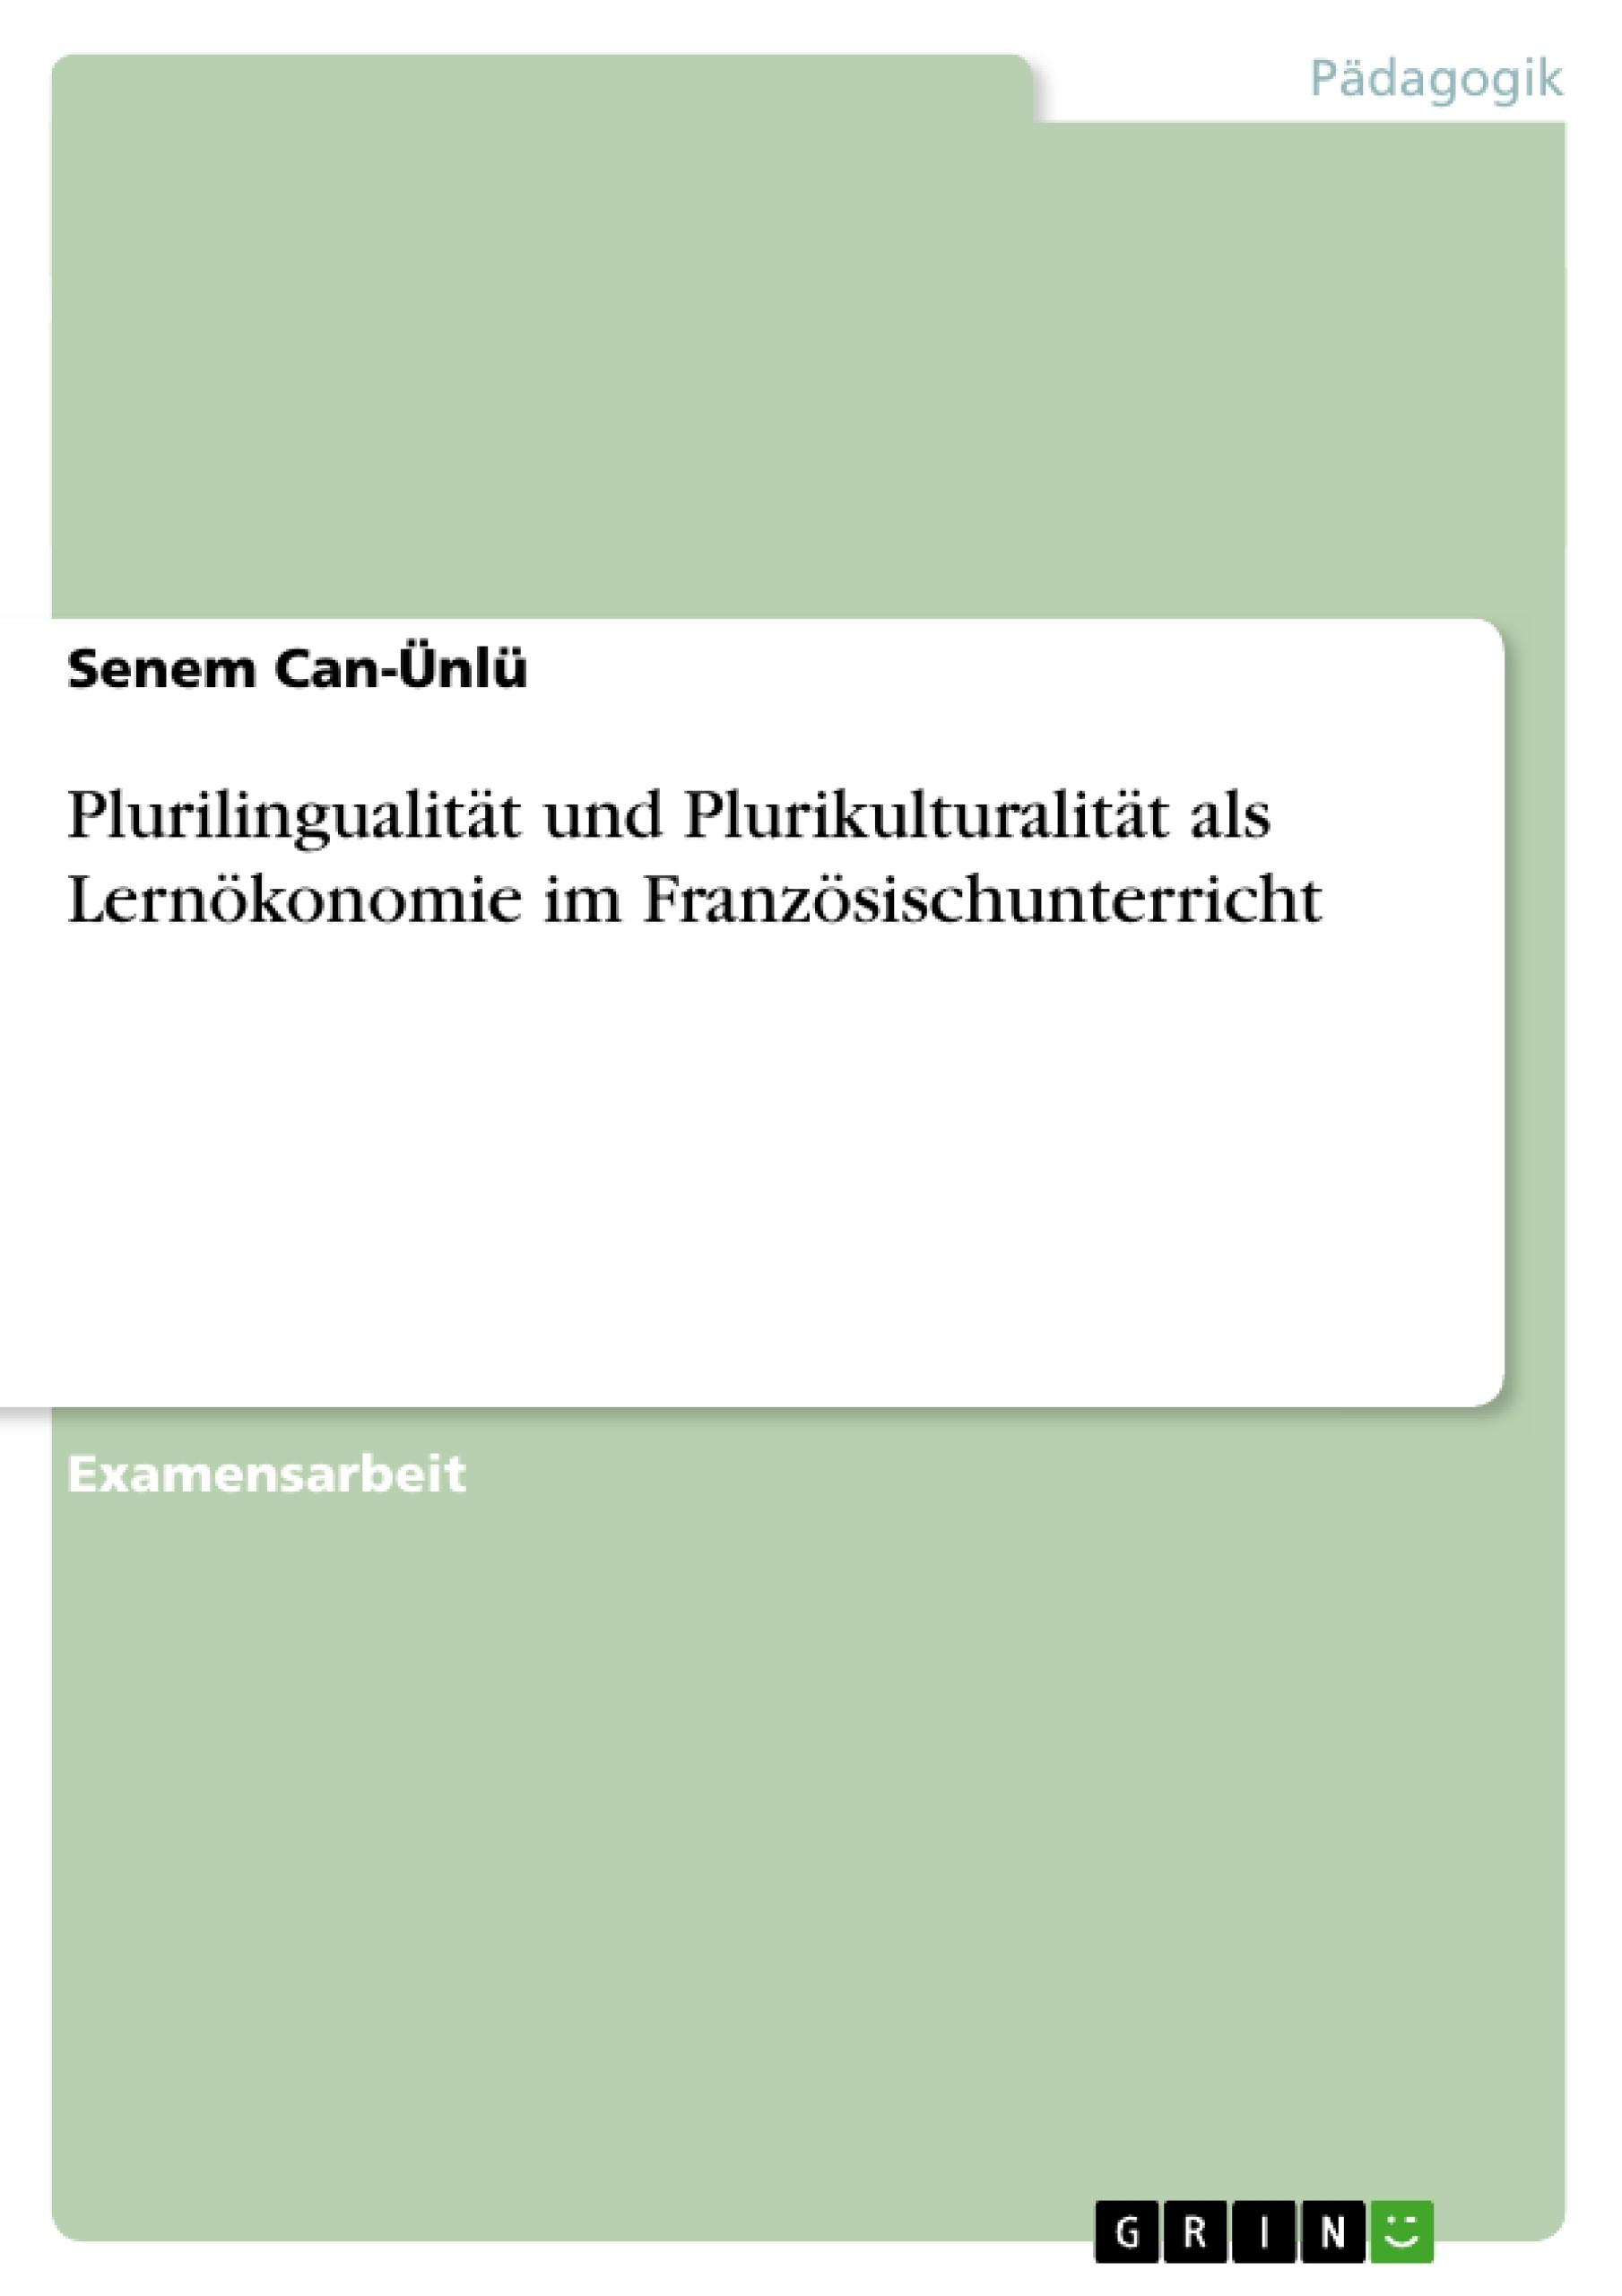 Titel: Plurilingualität und Plurikulturalität als Lernökonomie im Französischunterricht